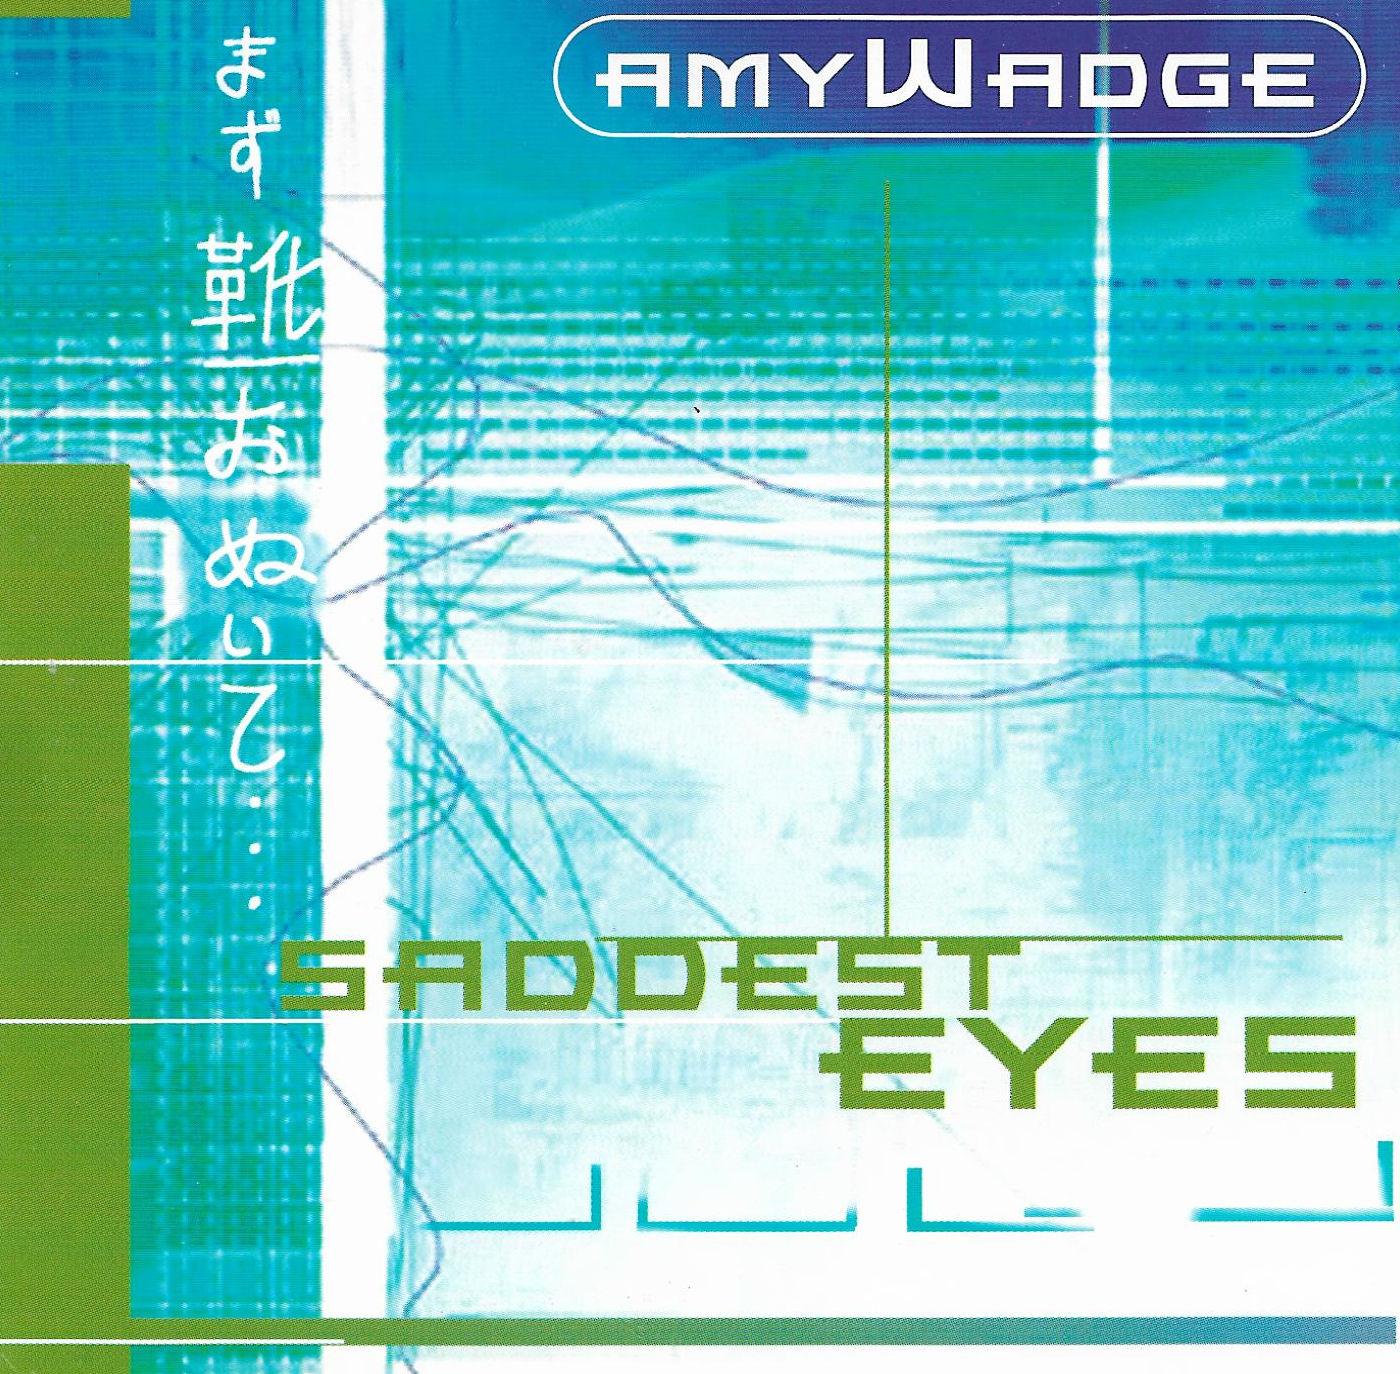 Saddest eyes (2000 Single)